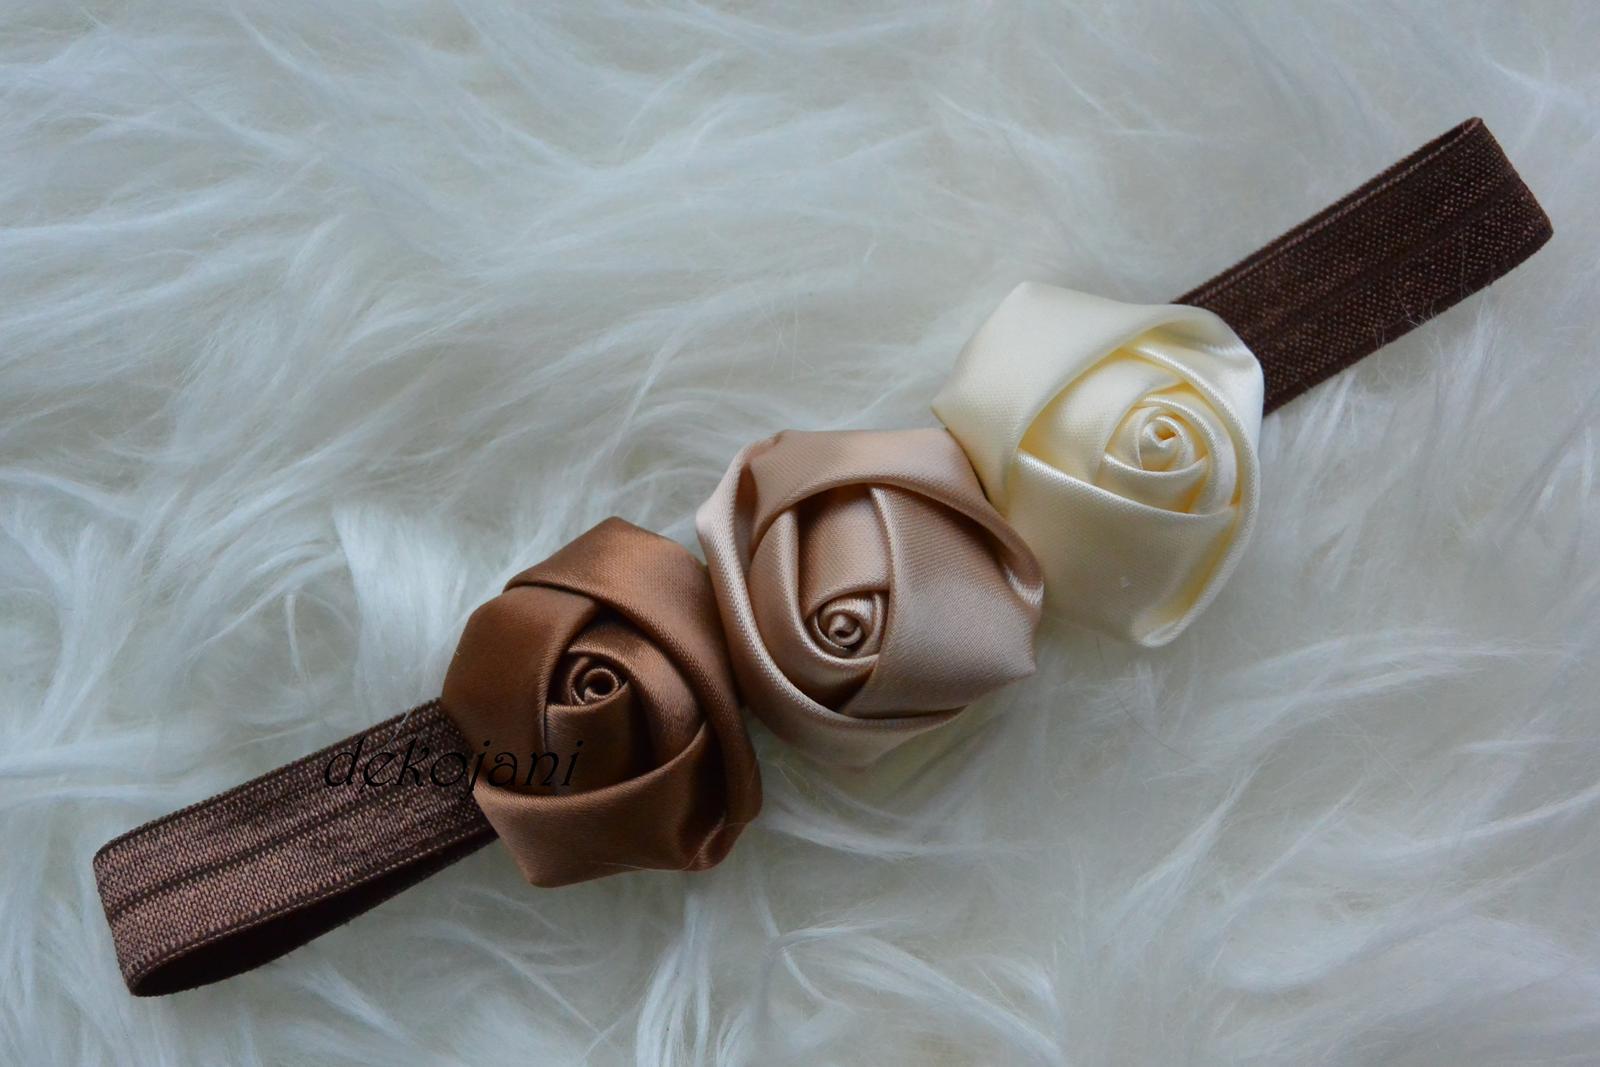 Čelenky, květiny do vlasů, náramky, obojek pro pejska... - Obrázek č. 91